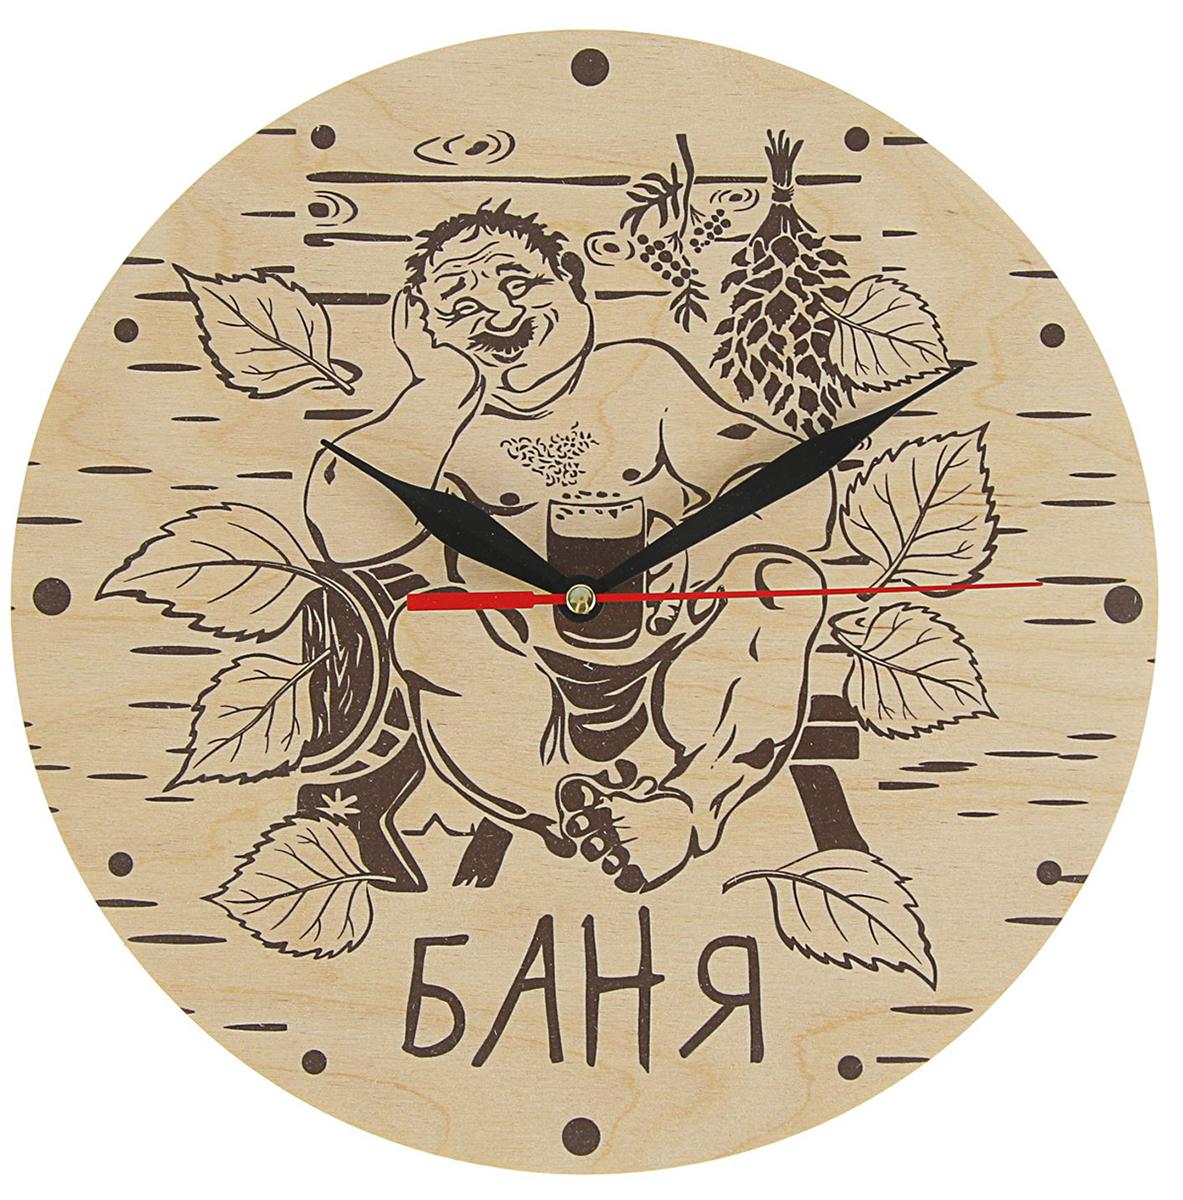 Часы настенные банные Баня, диаметр 25 см2479223Проводите время с пользой. Настоящий мужской отдых невозможен без хорошей бани! Чтобы не потерятьощущение времени, проводя приятный досуг в отличной компании, повесьте настену часы, но не простые, а те, что отражают настроение и вписываются винтерьер. Наши часы станут полезным приобретением, которое будет долго радоватьвладельца. Если стрелки остановятся, поменяйте батарейку и вперед — паритьсяи отдыхать!